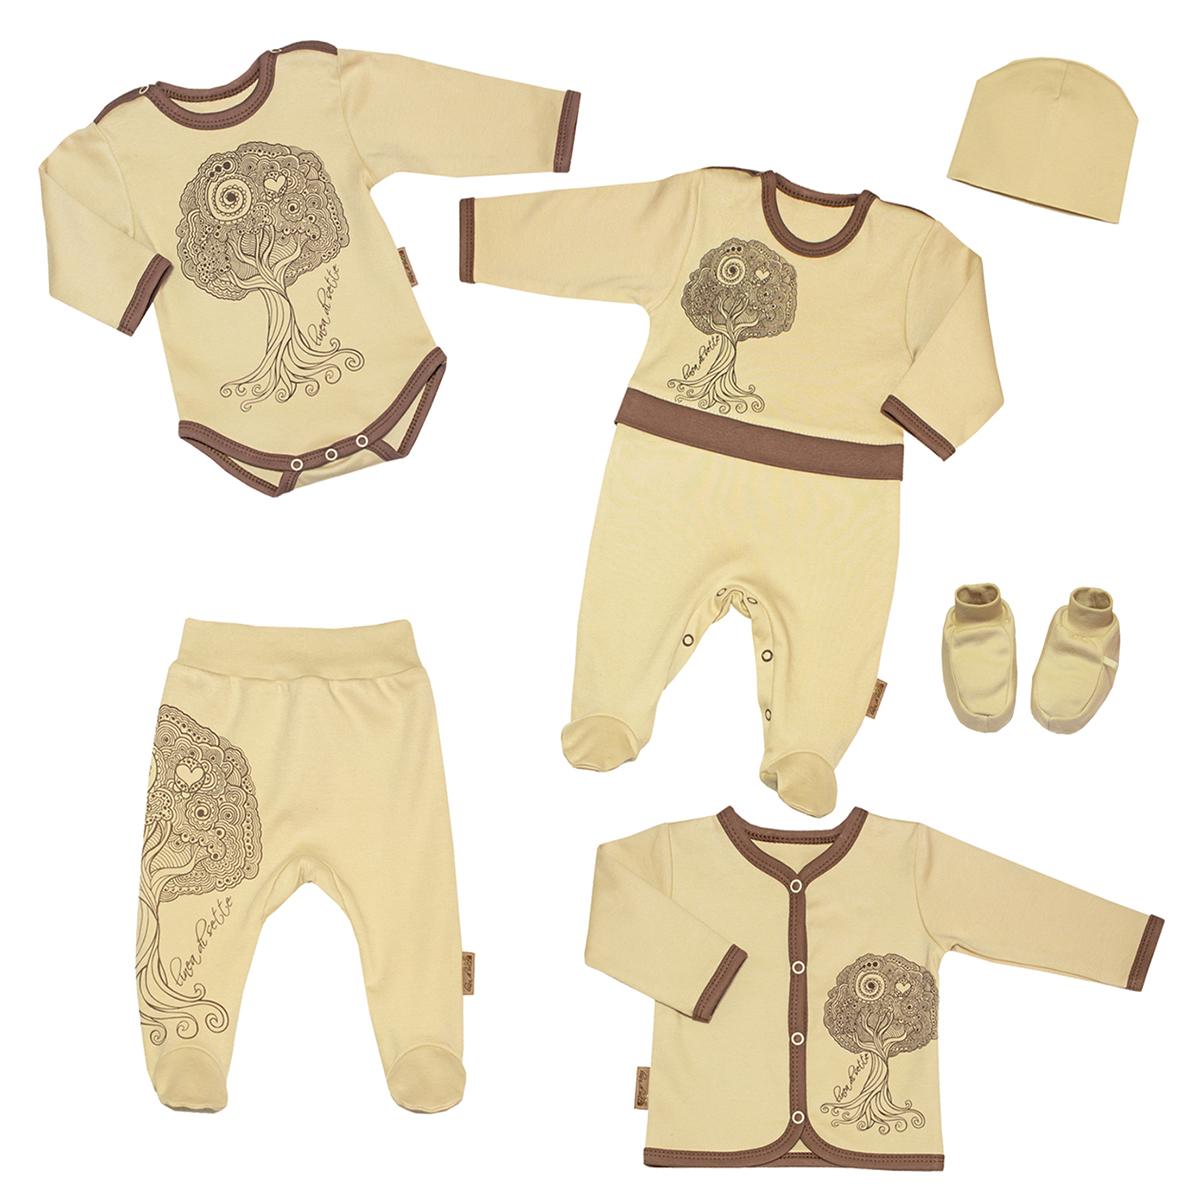 Подарочный комплект для новорожденного Linea Di Sette Дубок, 6 предметов. 04-300104-3001Подарочный комплект для новорожденного Linea Di Sette Дубок - это замечательный подарок, который прекрасно подойдет для первых дней жизни младенца. Комплект состоит из комбинезона, боди, кофточки, ползунков, шапочки и пинеток. Изготовленный из интерлока - органического хлопка, он необычайно мягкий и приятный на ощупь, не сковывает движения ребенка и позволяет коже дышать, не раздражает даже самую нежную и чувствительную кожу ребенка, обеспечивая ему наибольший комфорт. Комбинезон с длинными рукавами и закрытыми ножками имеет застежки-кнопки на плечах и ластовице, которые помогают легко переодеть младенца или сменить подгузник. Отделка комбинезона придает эффект 2 в 1. Оформлено изделие принтом с изображением дерева. С таким комбинезоном спинка и ножки младенца всегда будут в тепле. Удобное боди с длинными рукавами и круглым вырезом горловины имеет удобные застежки-кнопки на плечах и ластовице, которые помогают легко переодеть младенца и сменить подгузник. Боди также...